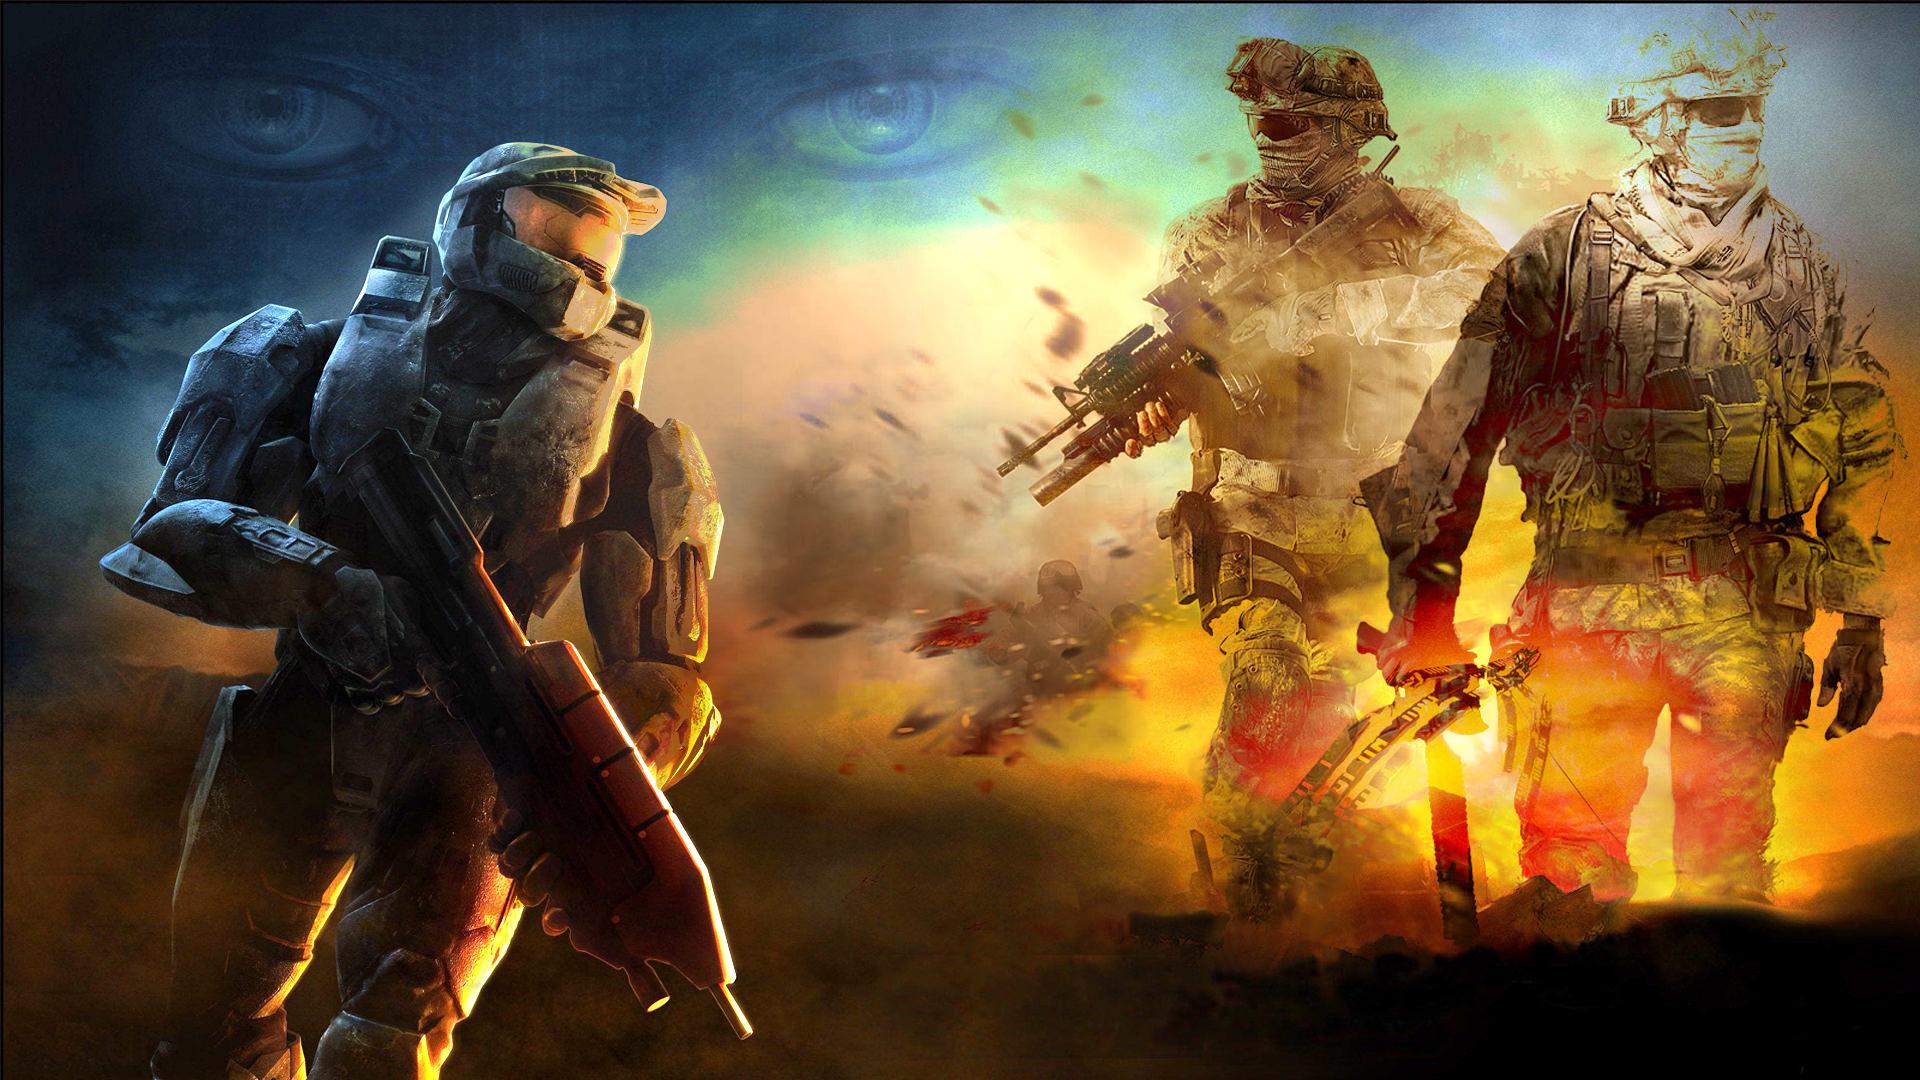 Halo Modern Warfare Wallpaper